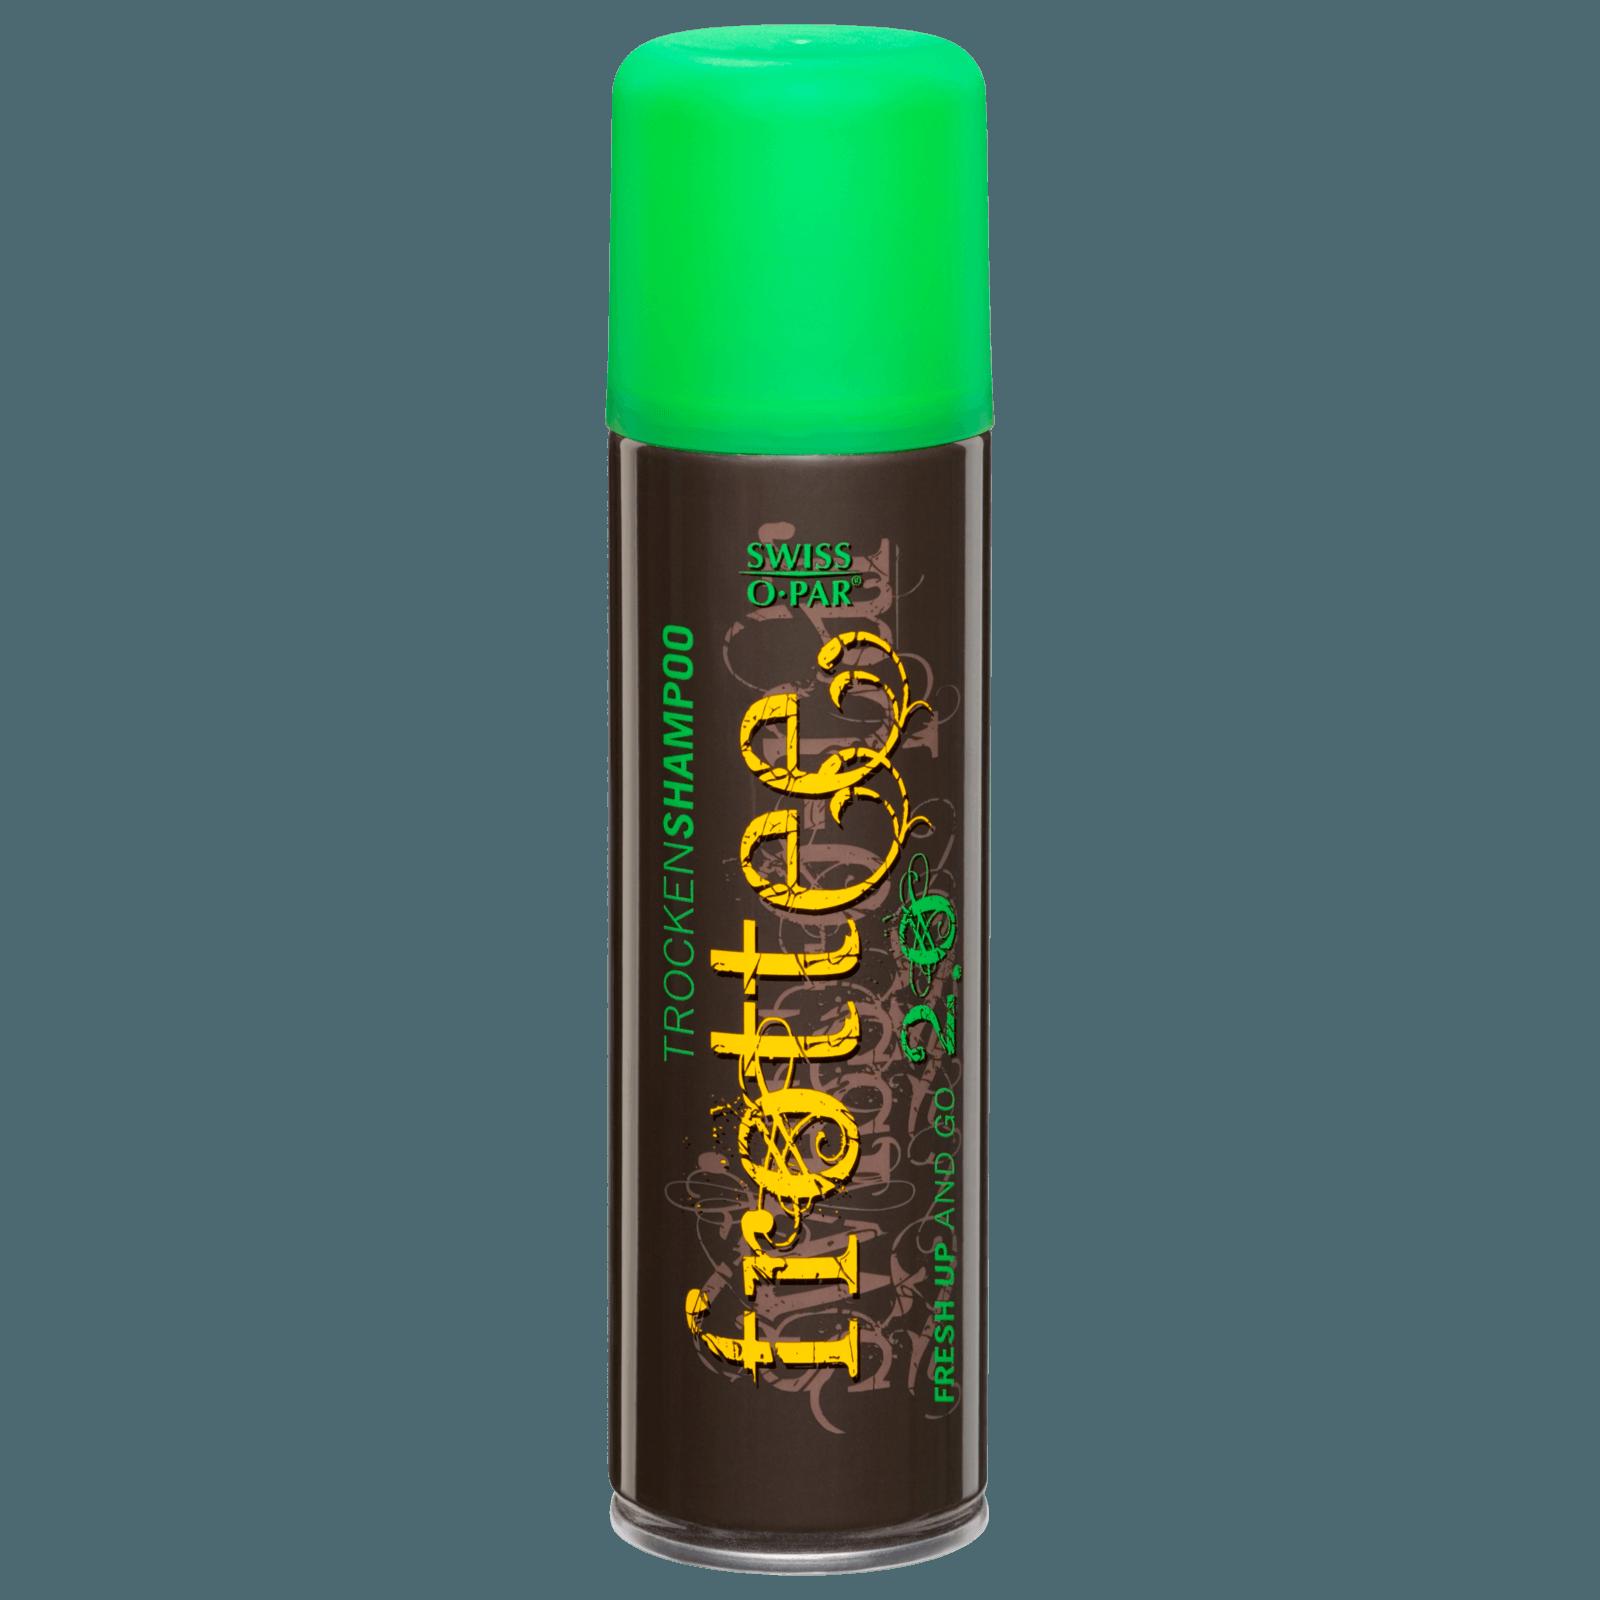 Swiss-O-Par Frottee 2.0 Trockenshampoo-Spray 200ml